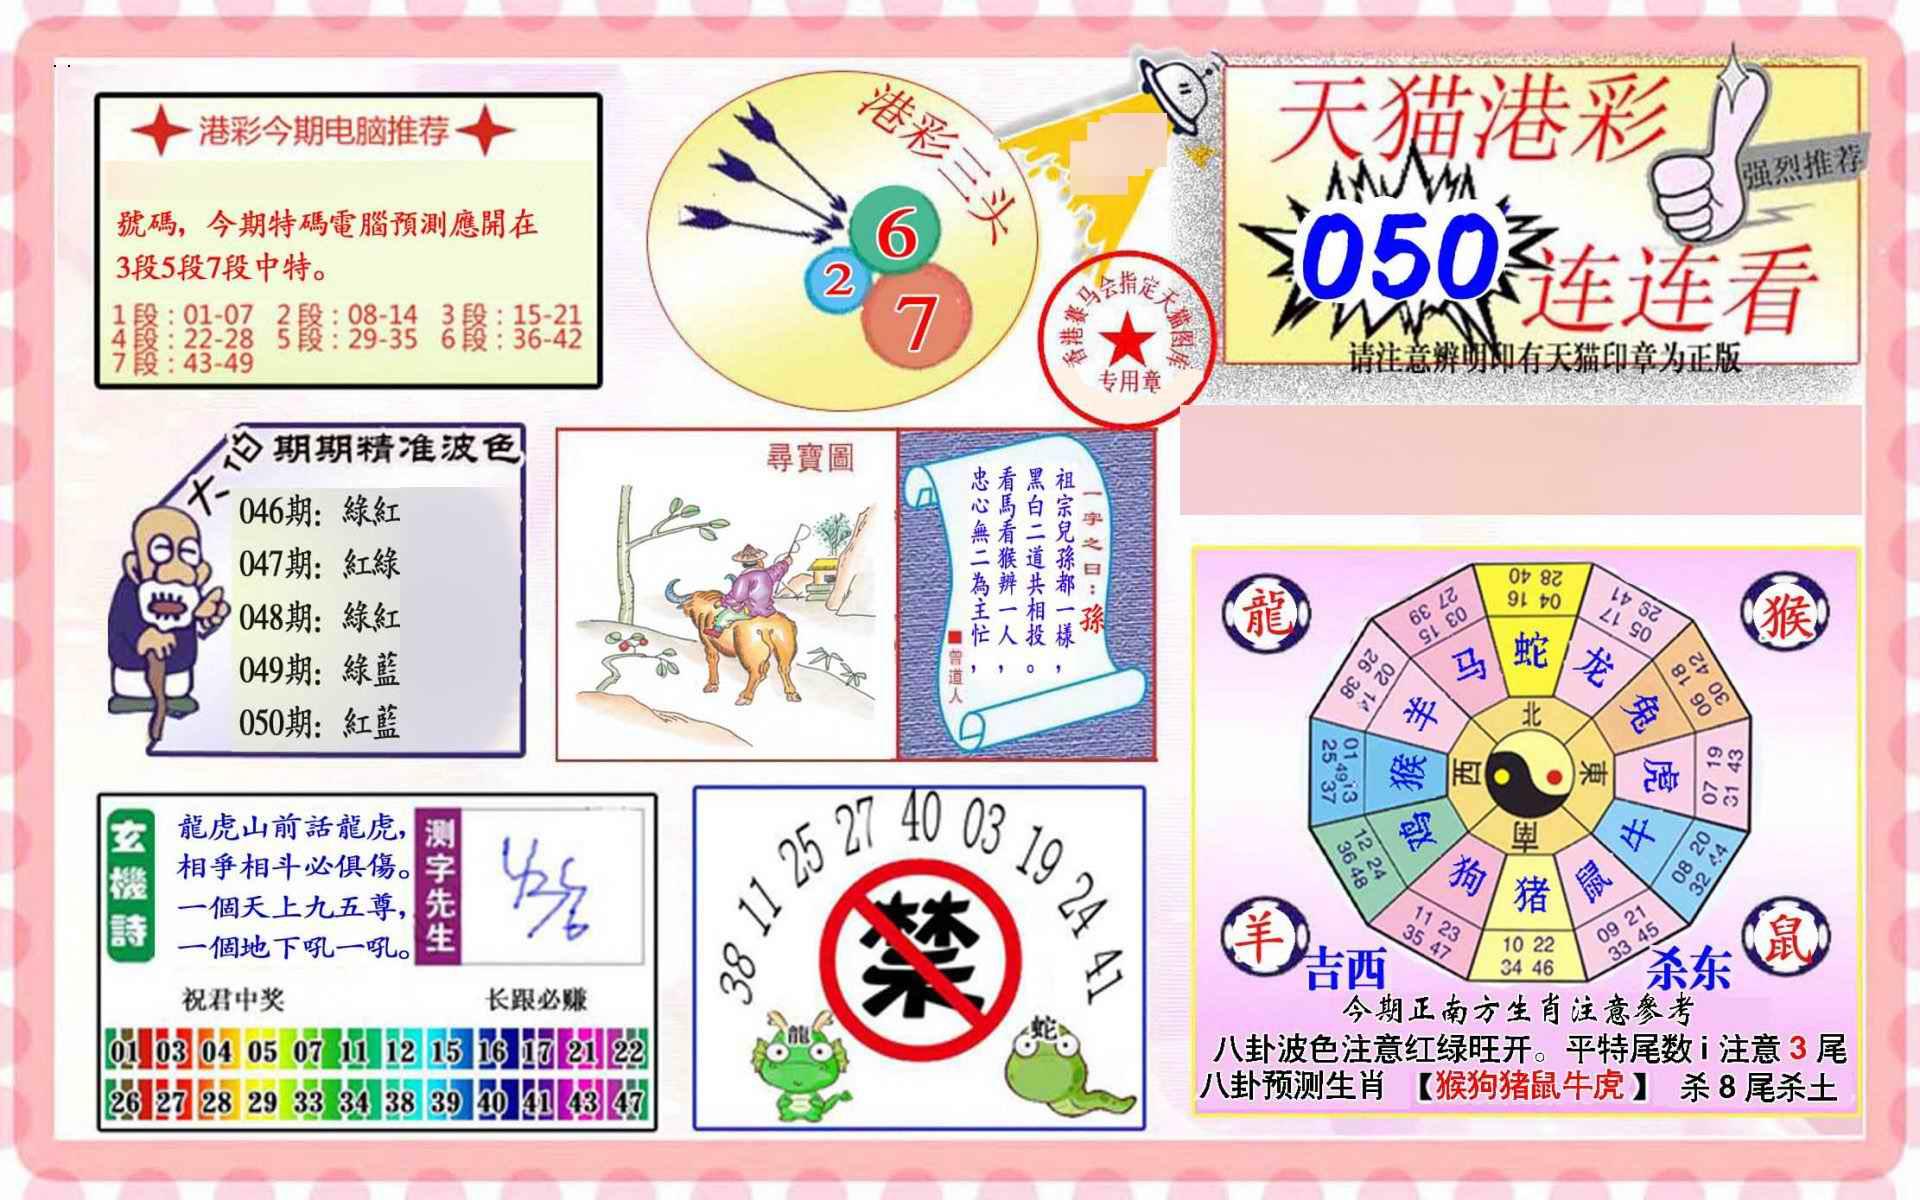 050期港彩连连中